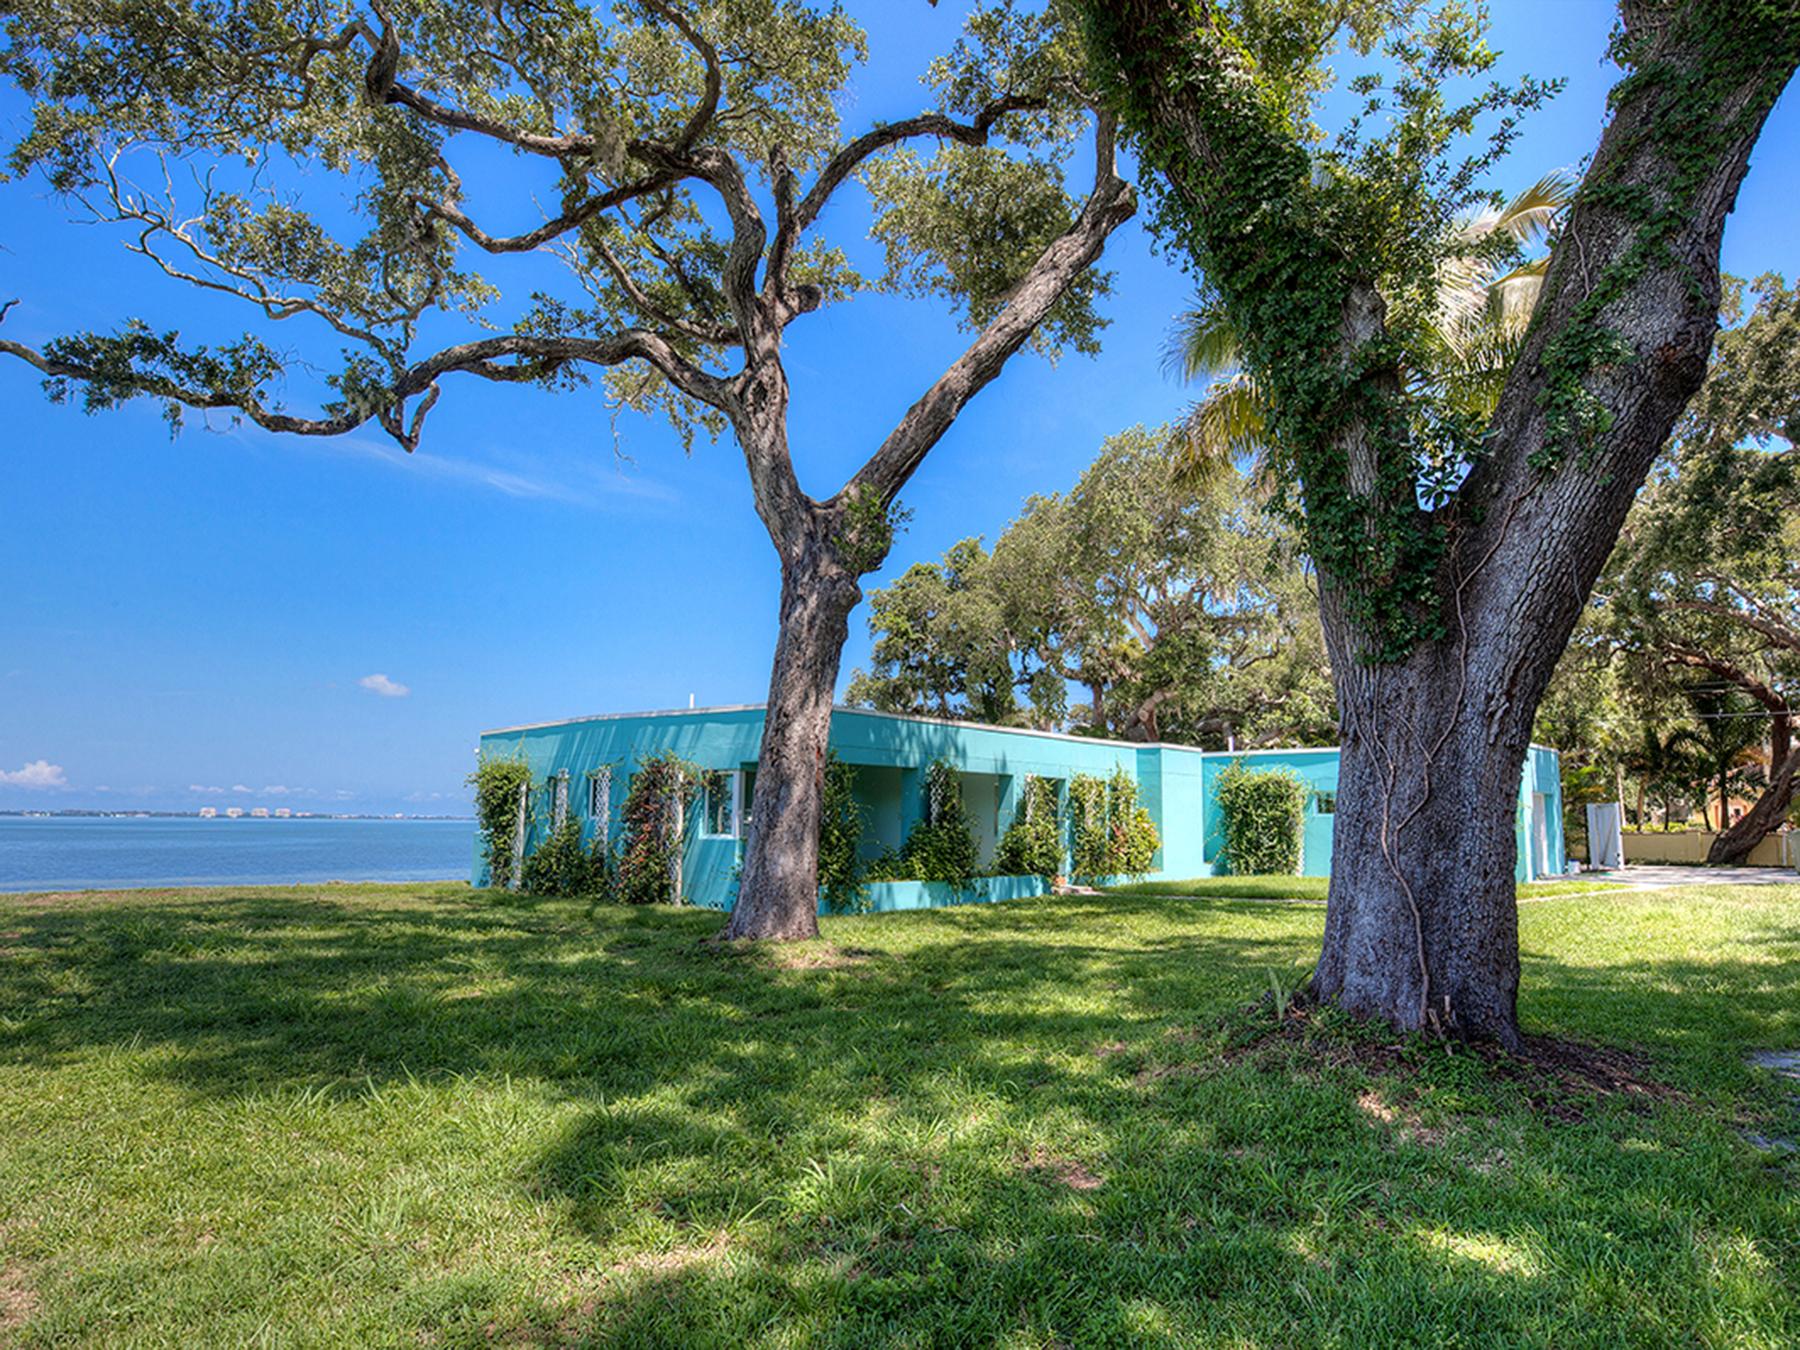 Частный односемейный дом для того Продажа на SARASOTA BAY PARK 820 Indian Beach Dr Sarasota, Флорида 34234 Соединенные Штаты